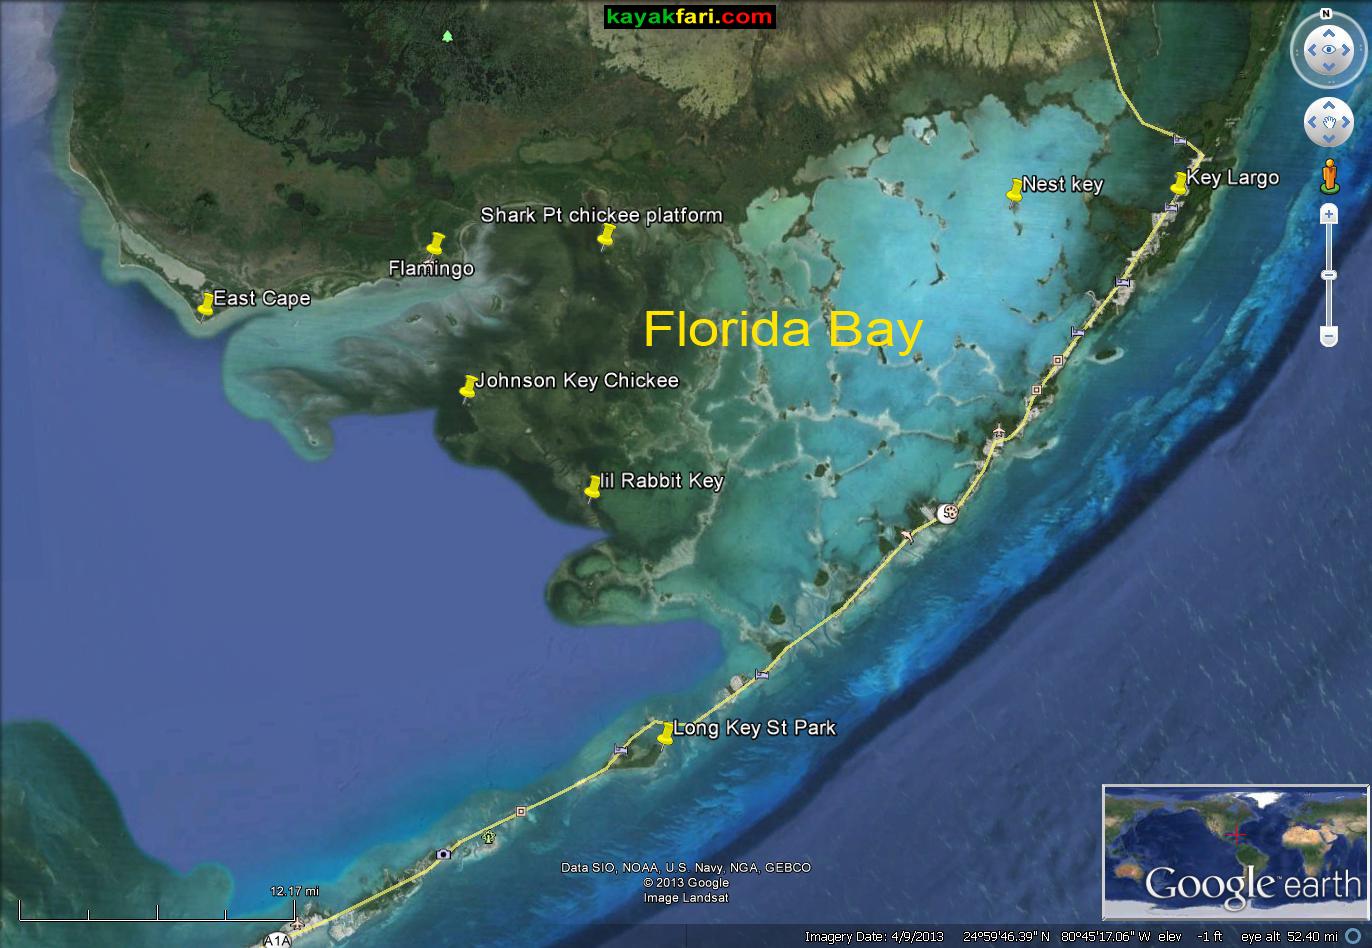 Florida Bay Kayak Everglades kayakfari Camp satellite kayakfari